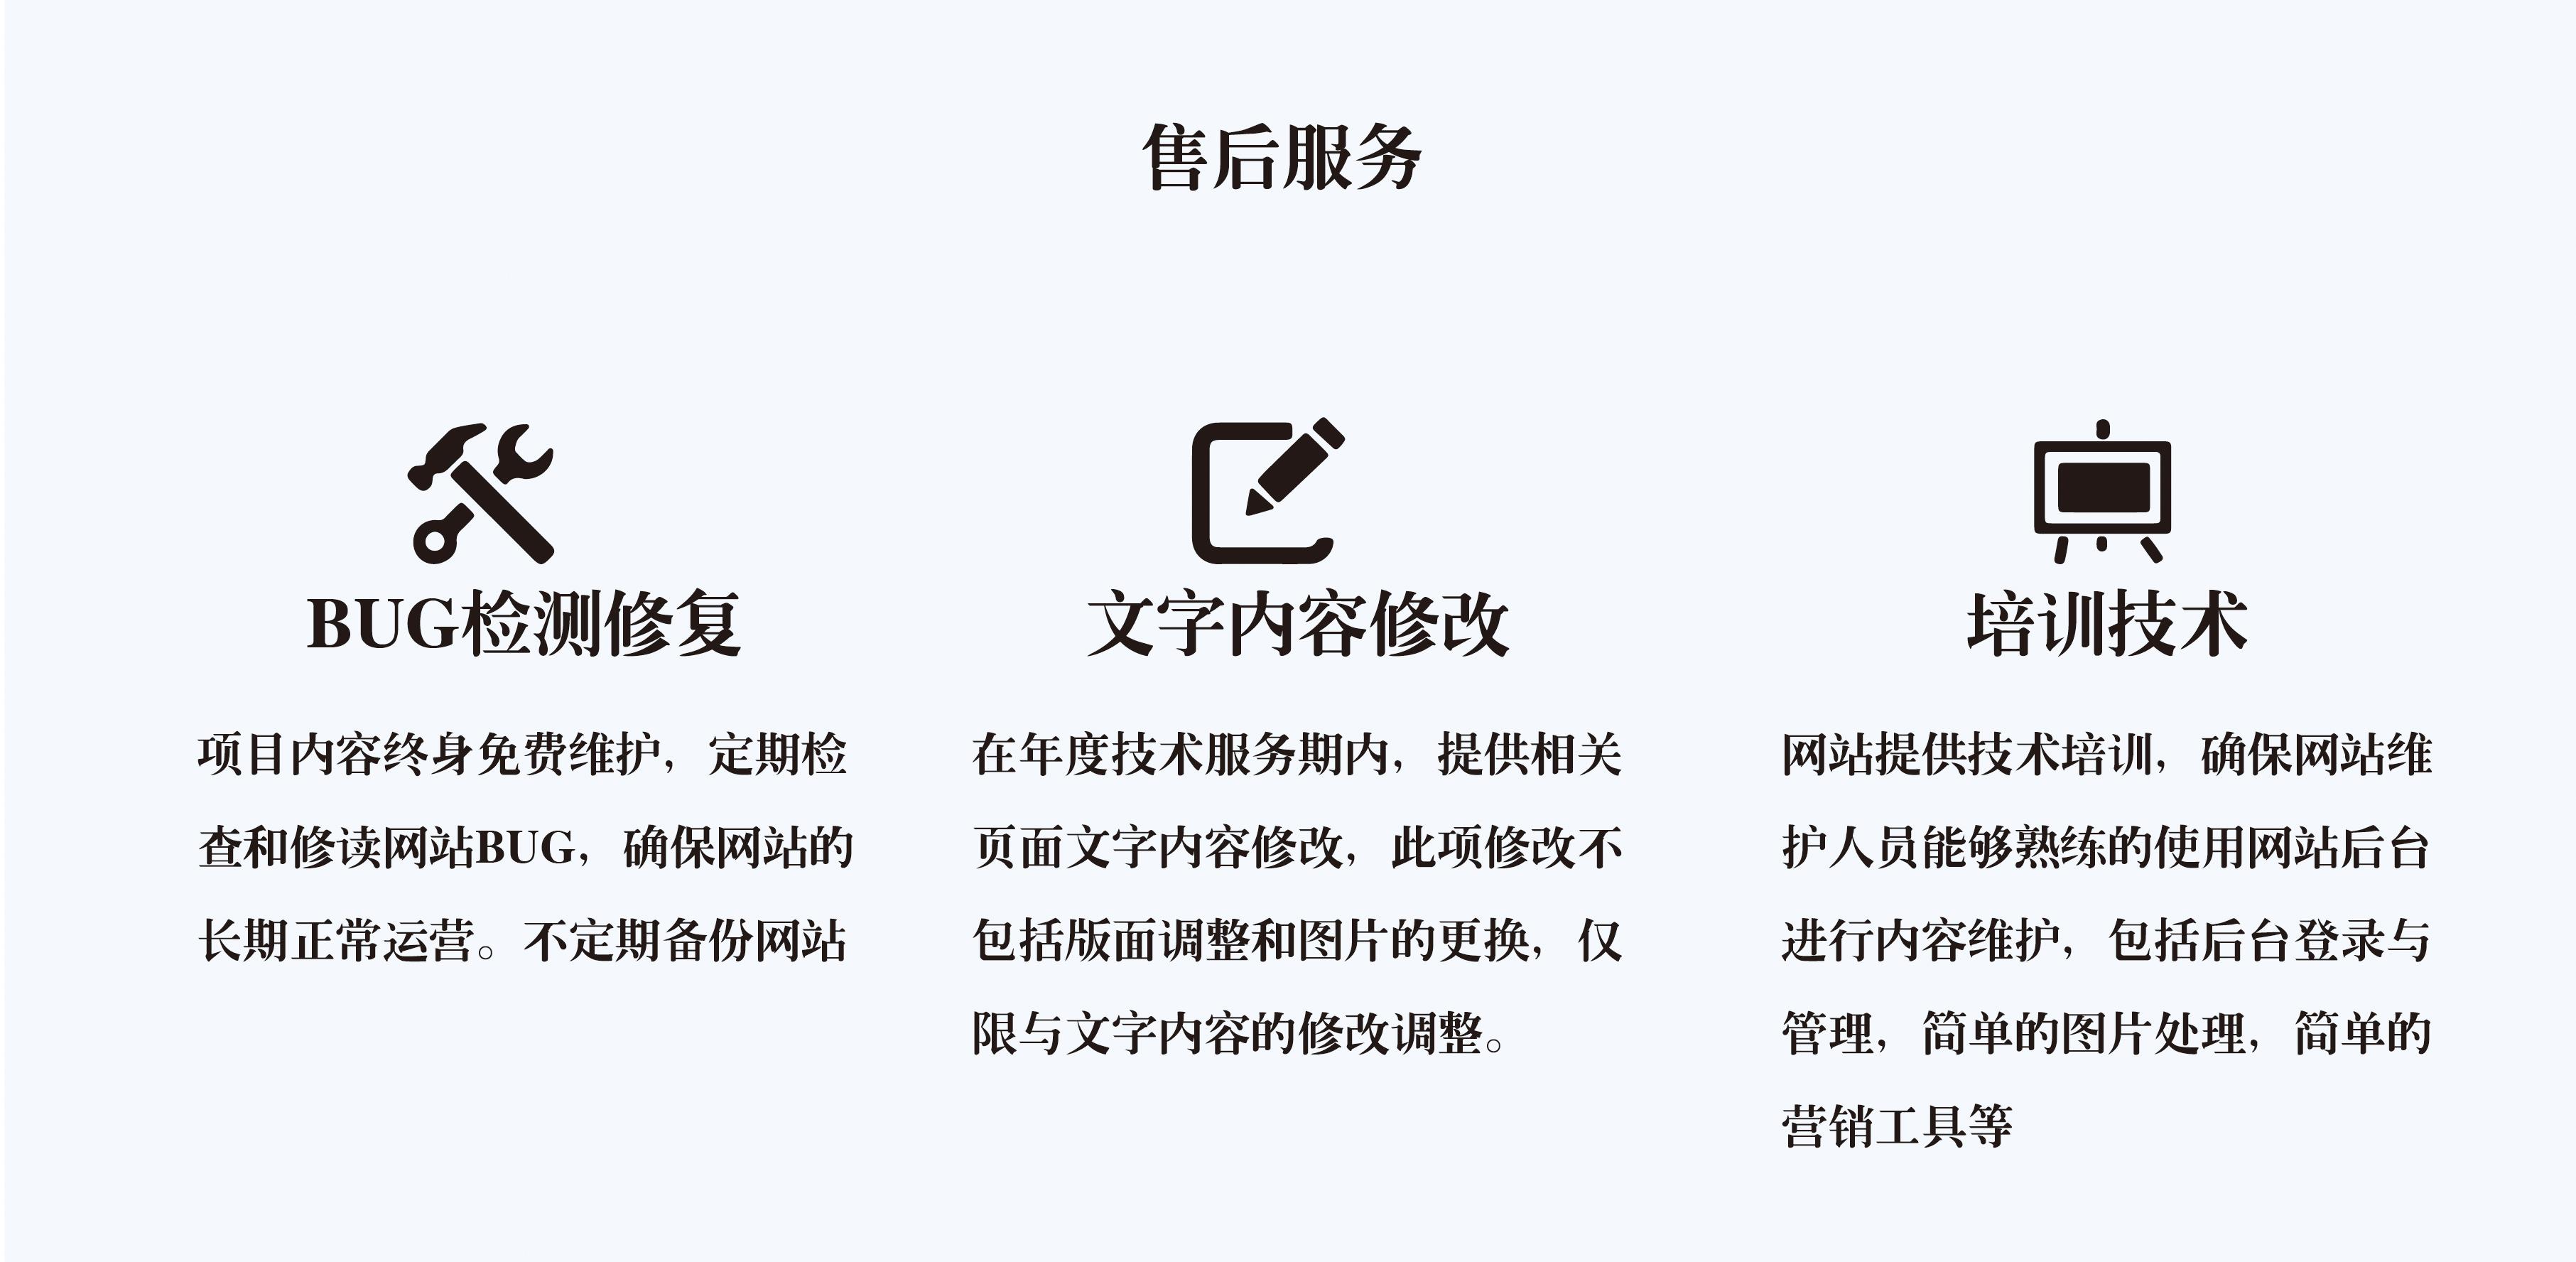 电商行业解决方案-09.jpg